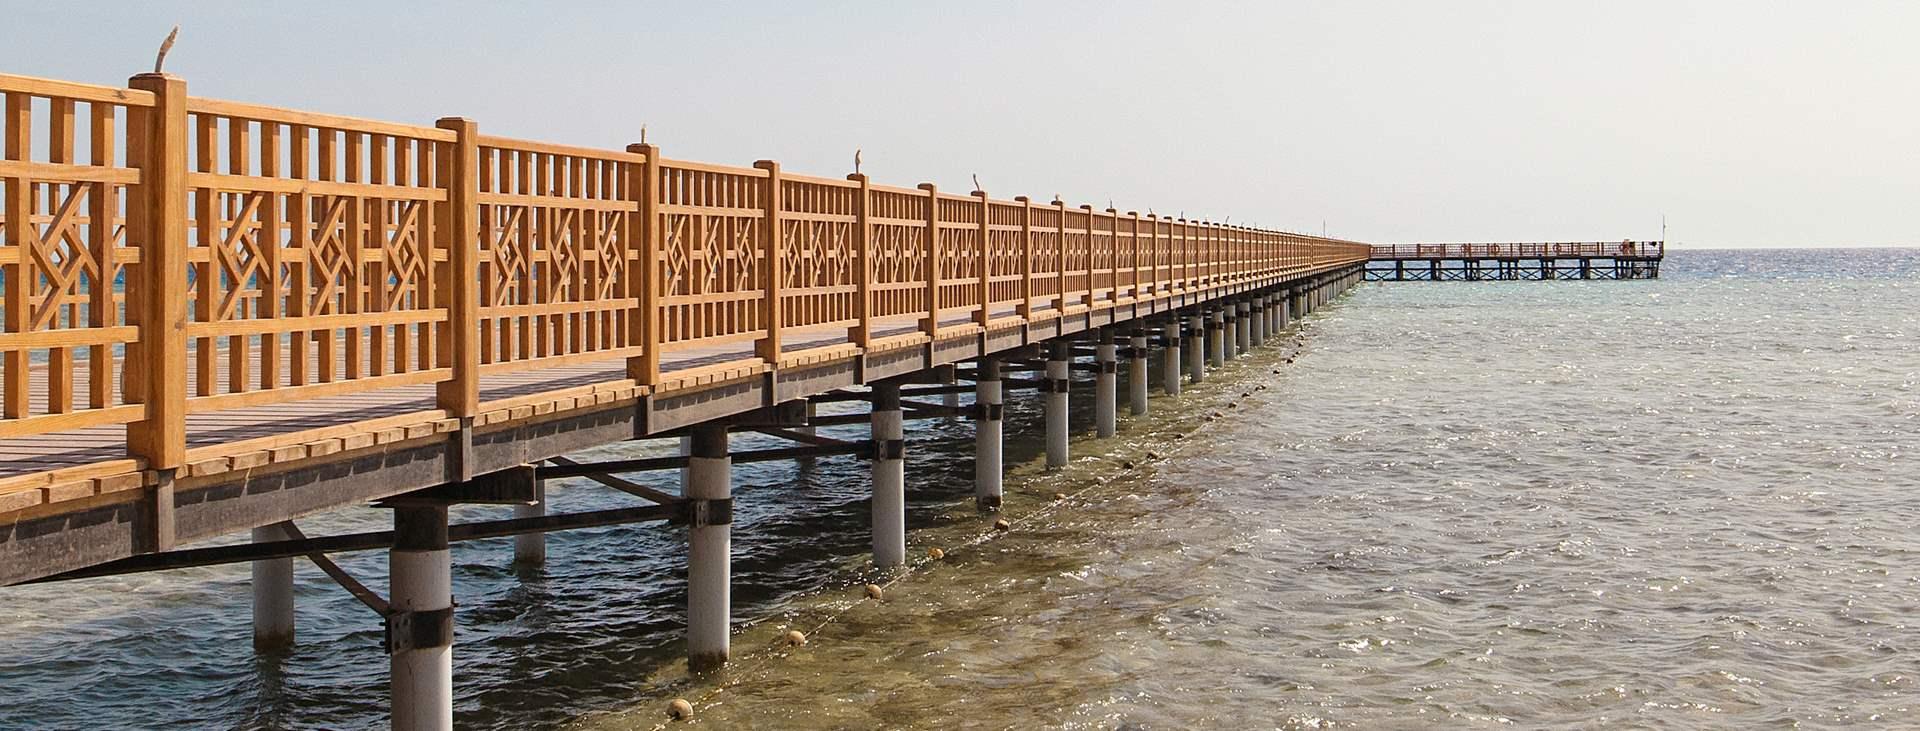 Bestill en reise med All Inclusive til Hurghada i Egypt